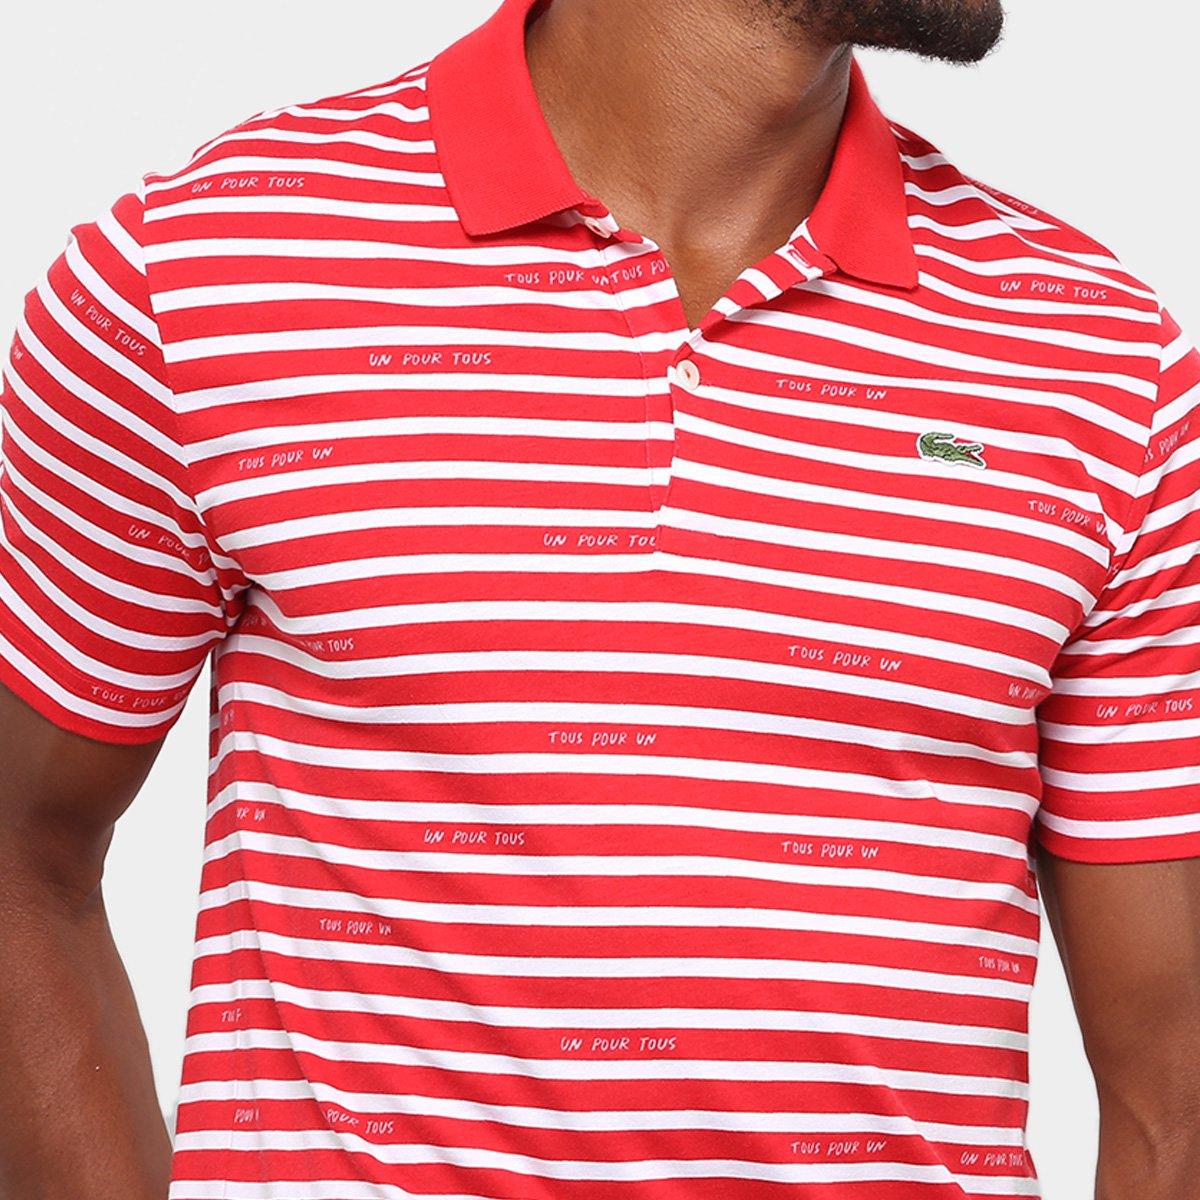 ba2a5703b8422 Camisa Polo Lacoste Live Jersey Listras Masculina - Compre Agora ...